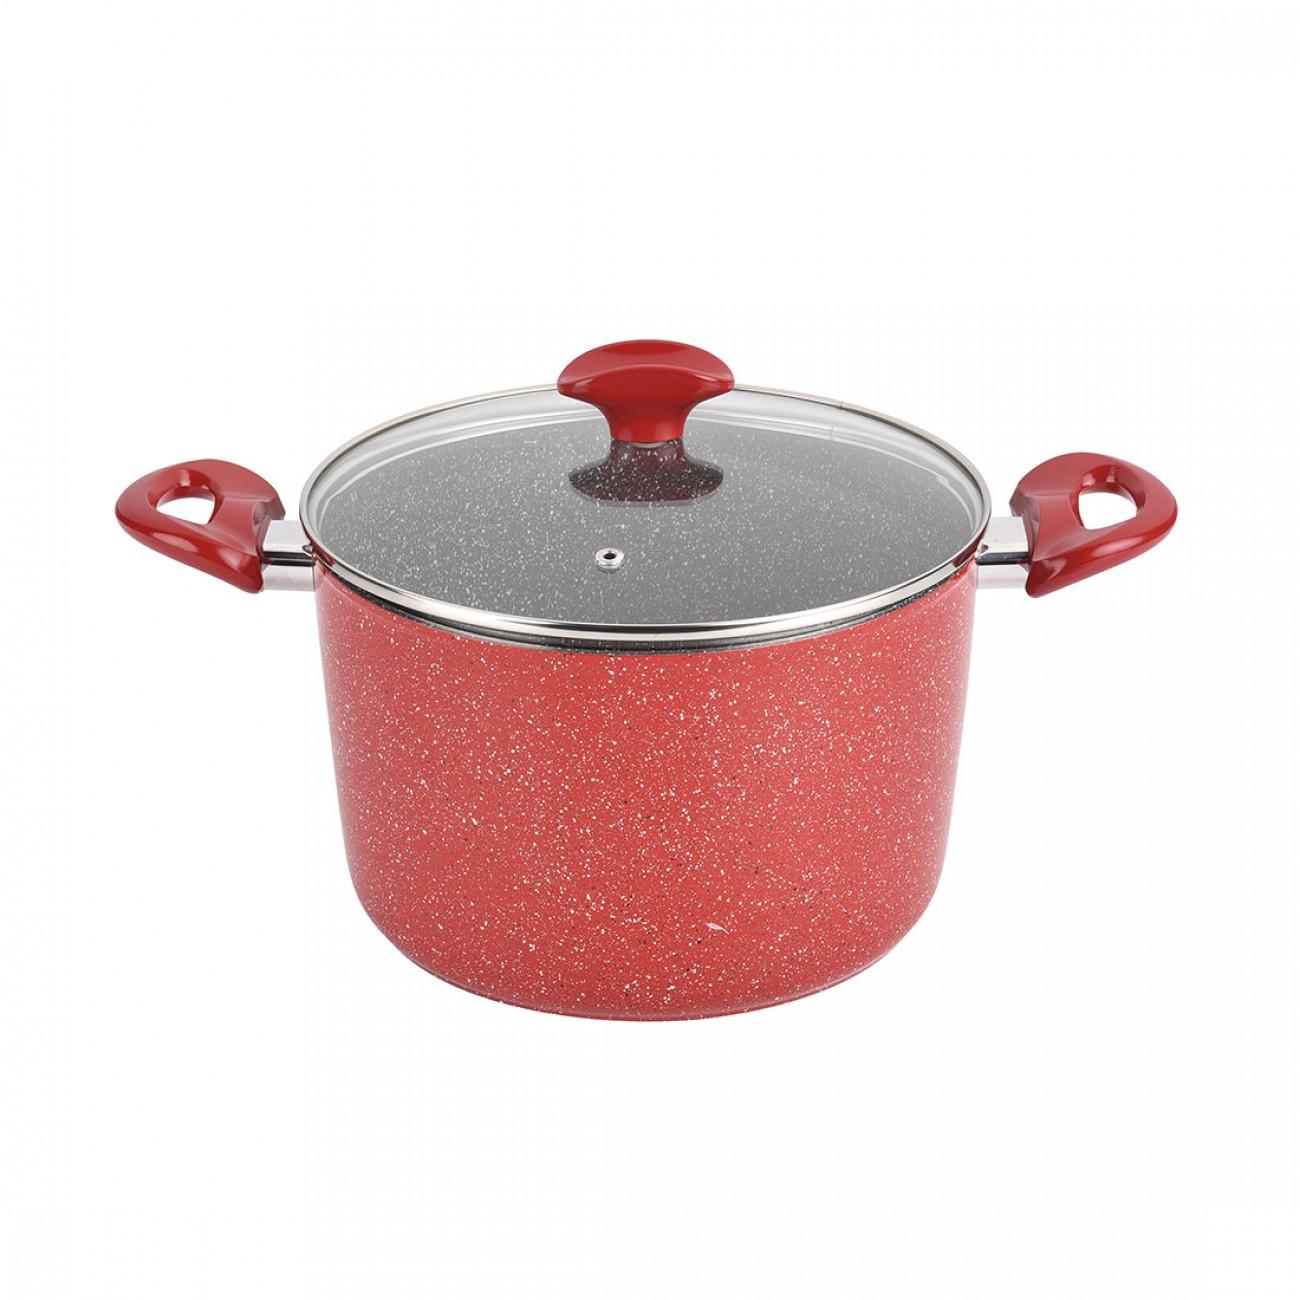 Дълбока тенджера от кован алуминий ZEPHYR Red Passion ZP 4418 E24D, 24 см, Мраморно покритие, Червен мрамор в Тенджери - ZEPHYR | Alleop